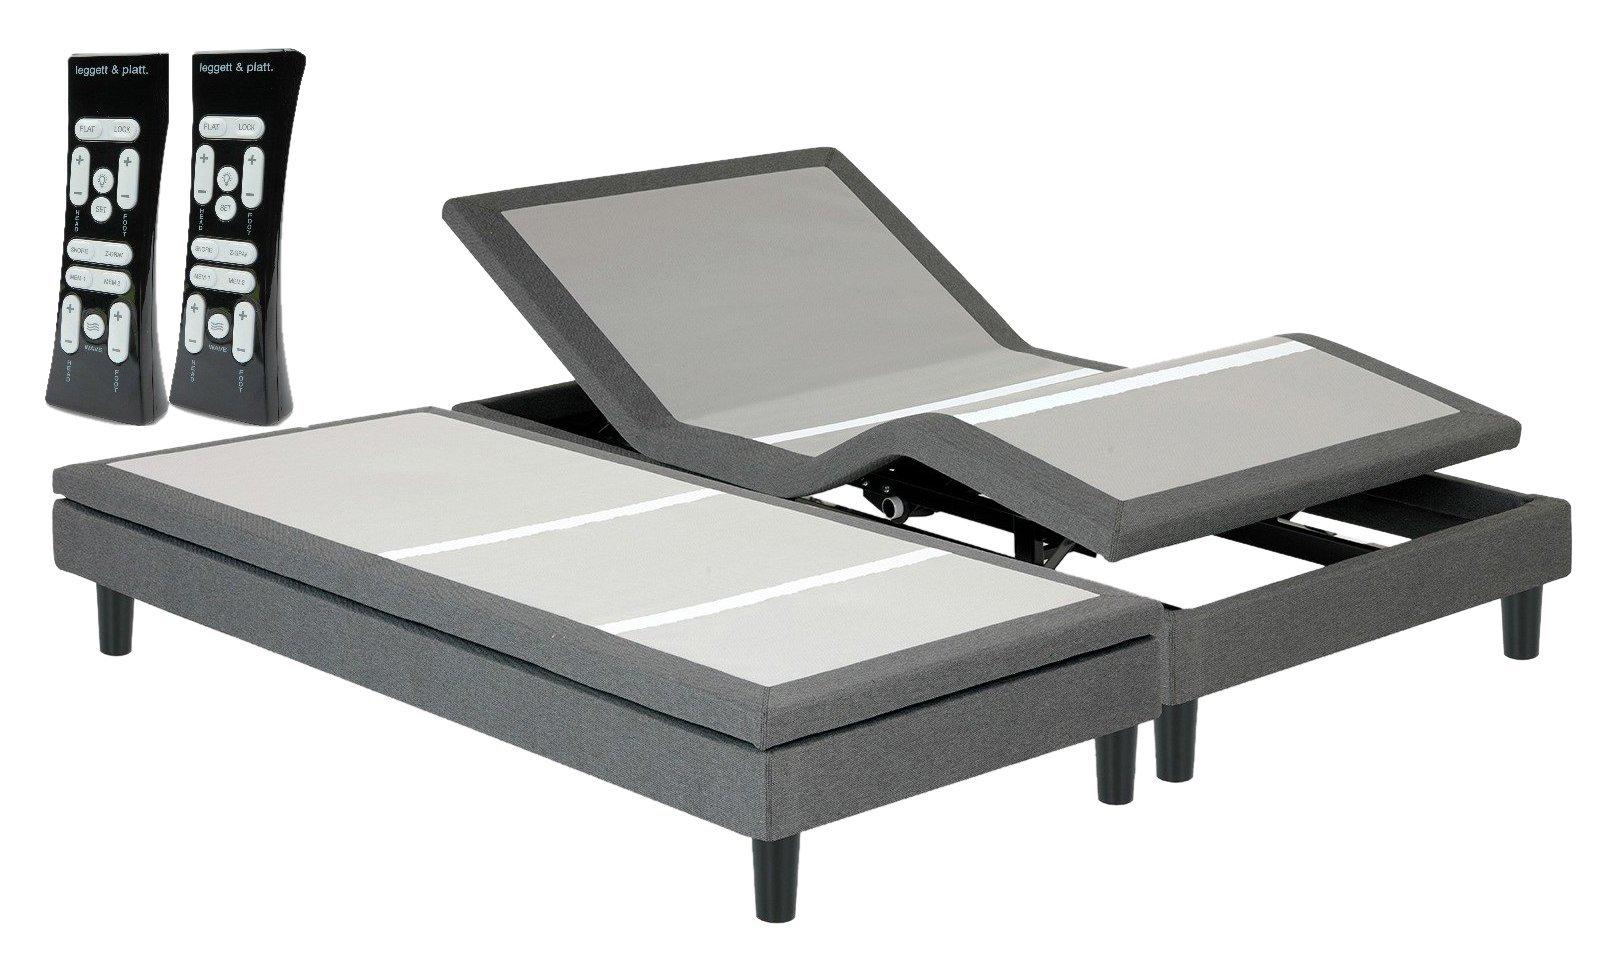 Cheap Adjustable Bed Base King Find Adjustable Bed Base King Deals